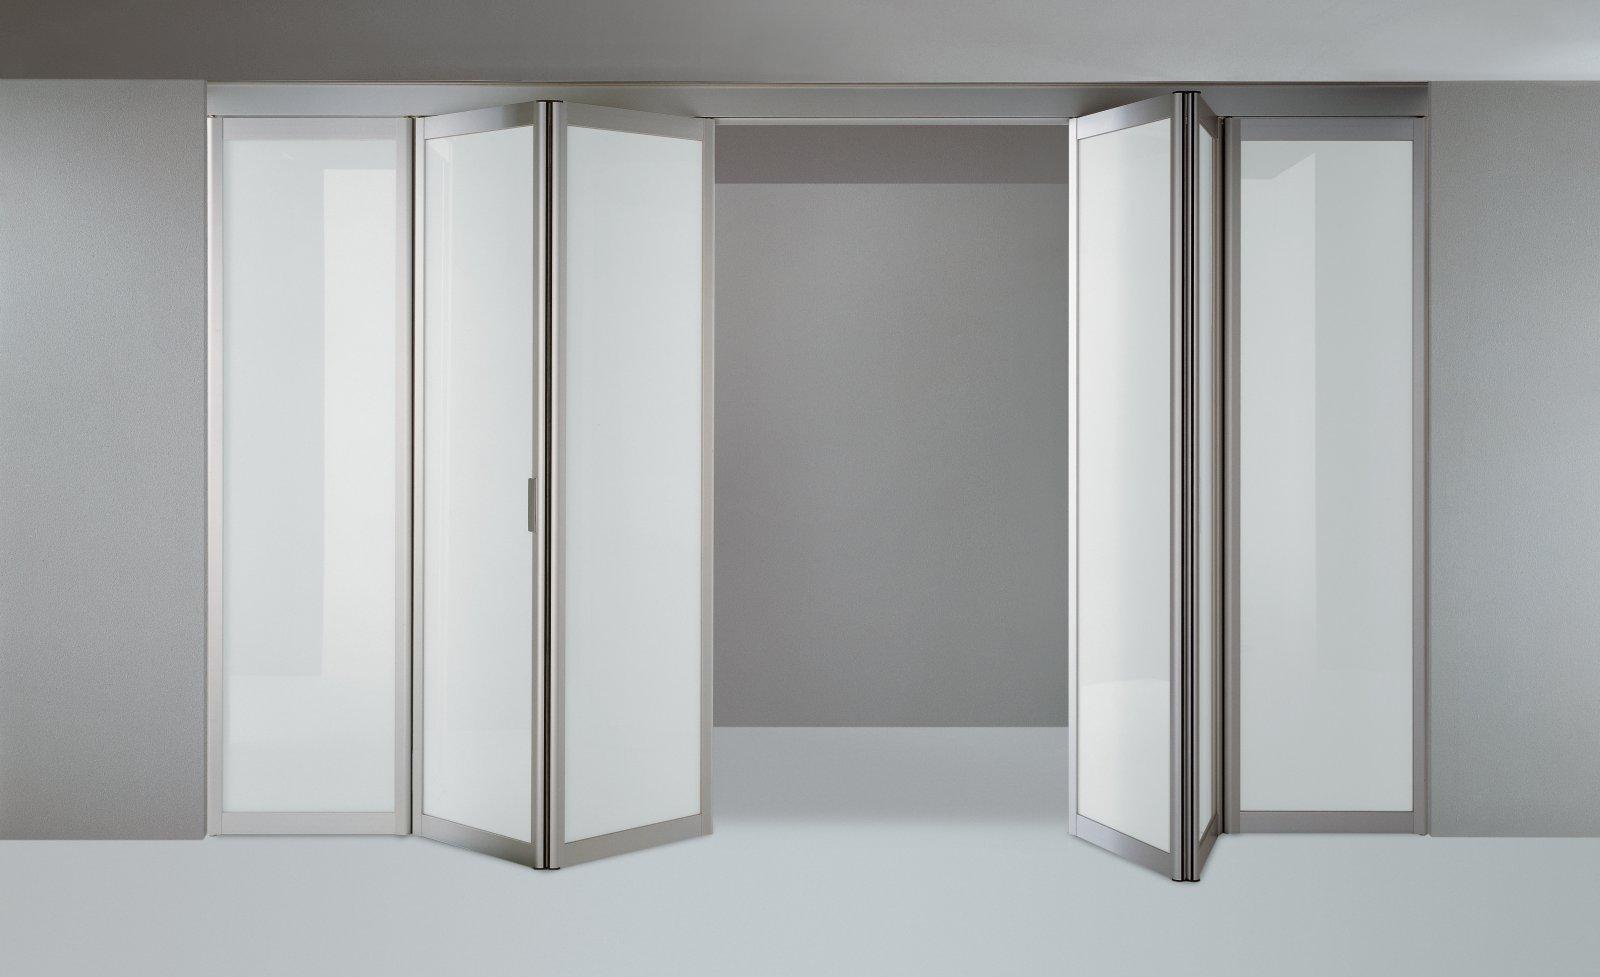 Puertas correderas para el interior de nuestro hogar for Puertas interiores de aluminio y cristal